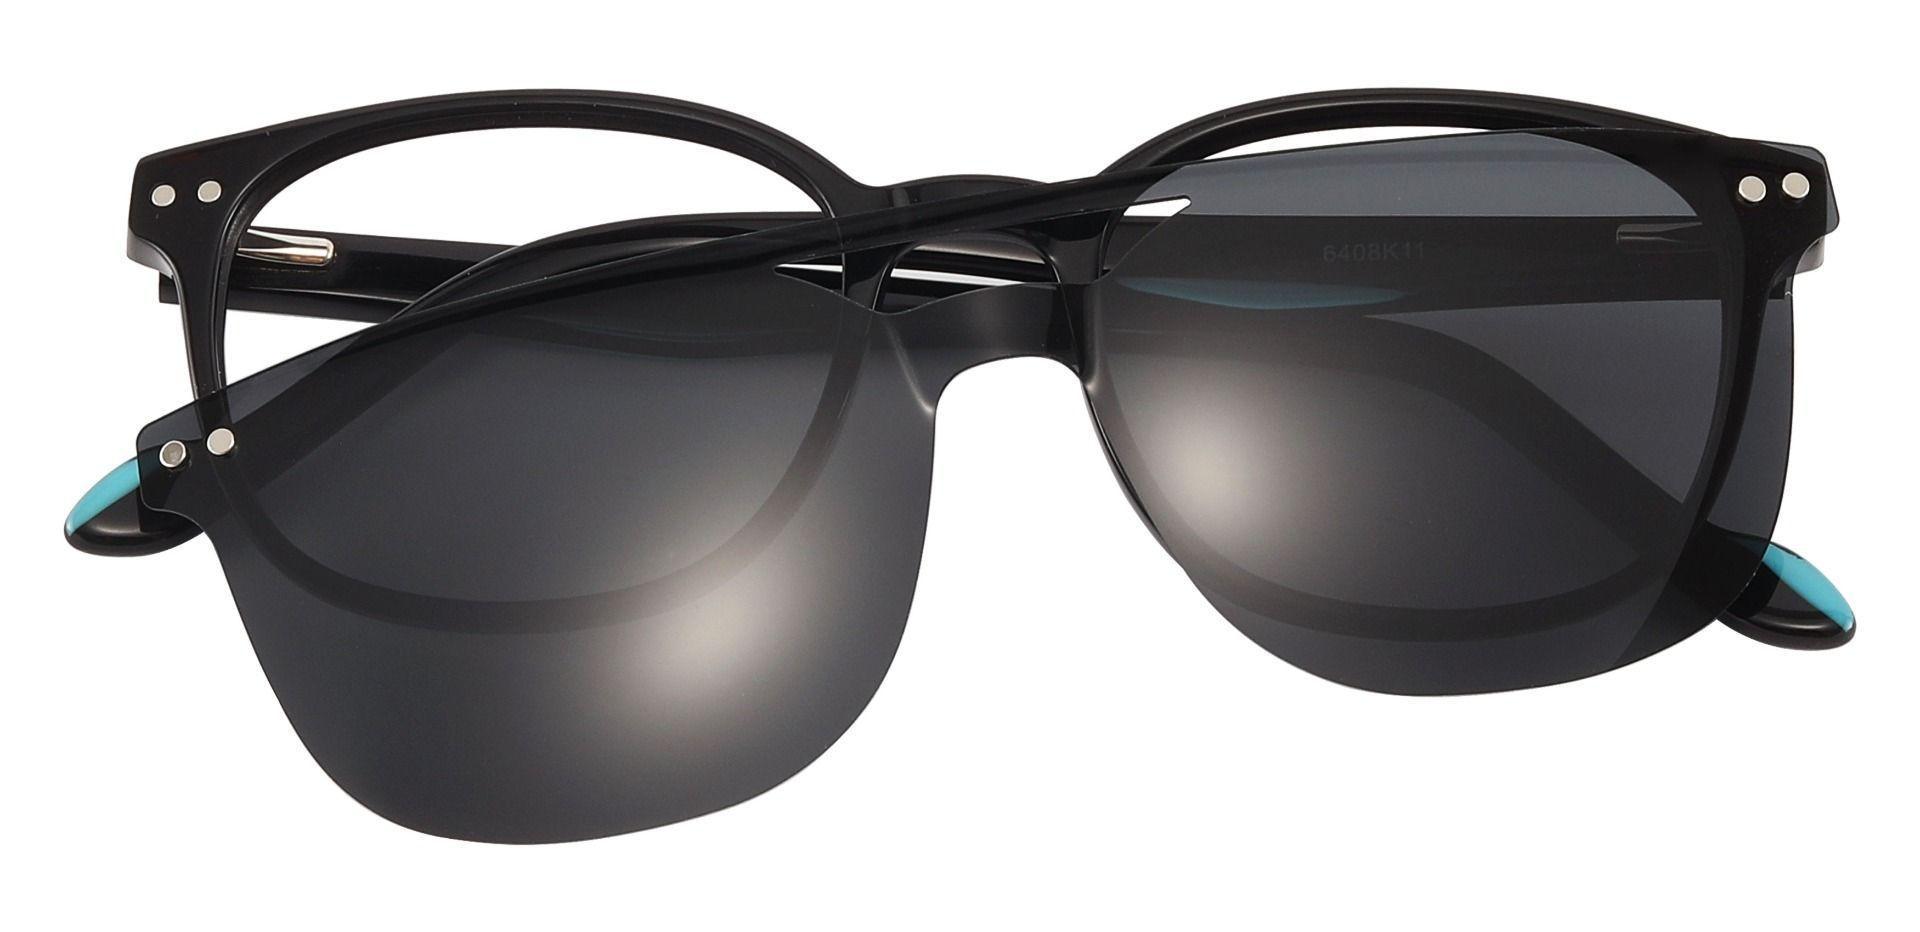 Jena Oval Prescription Glasses - Black